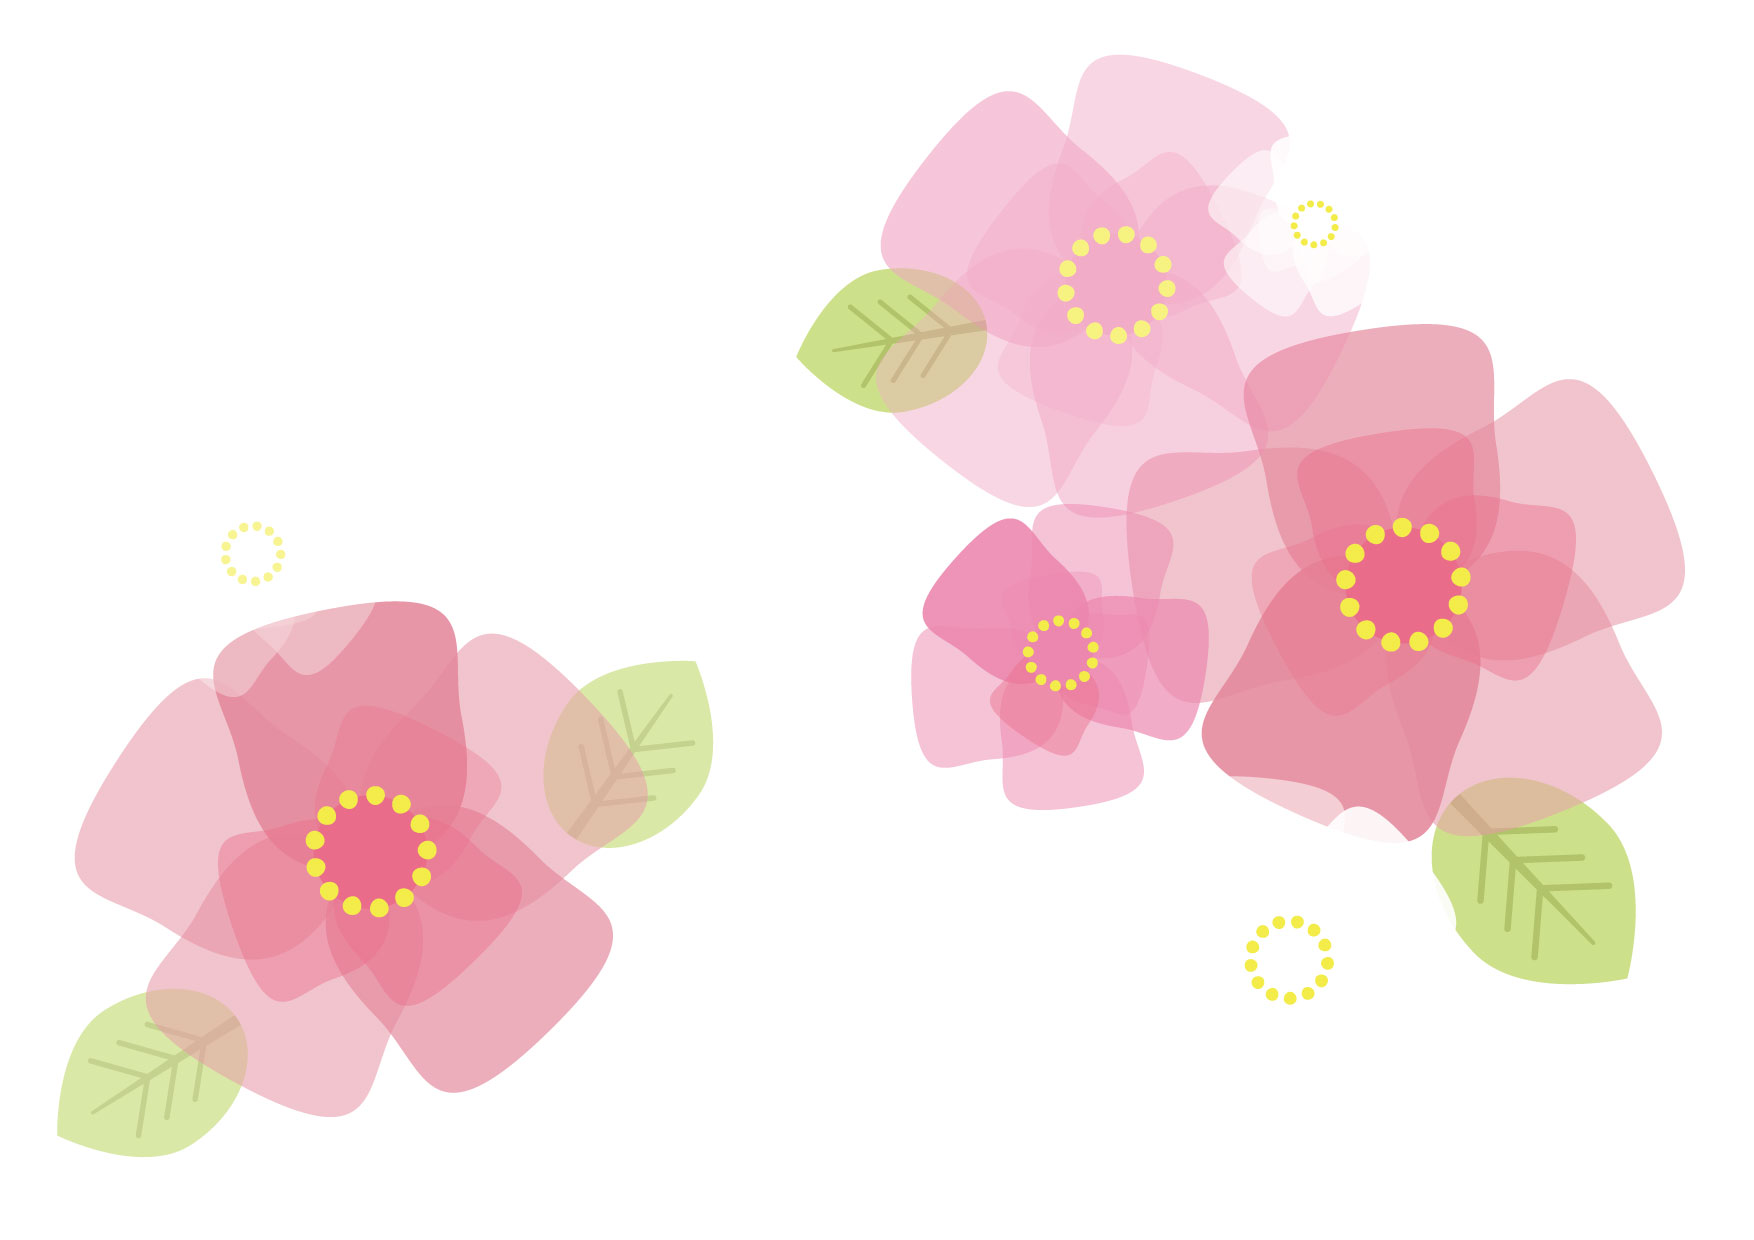 ひな祭り 桃の花 イラスト 無料